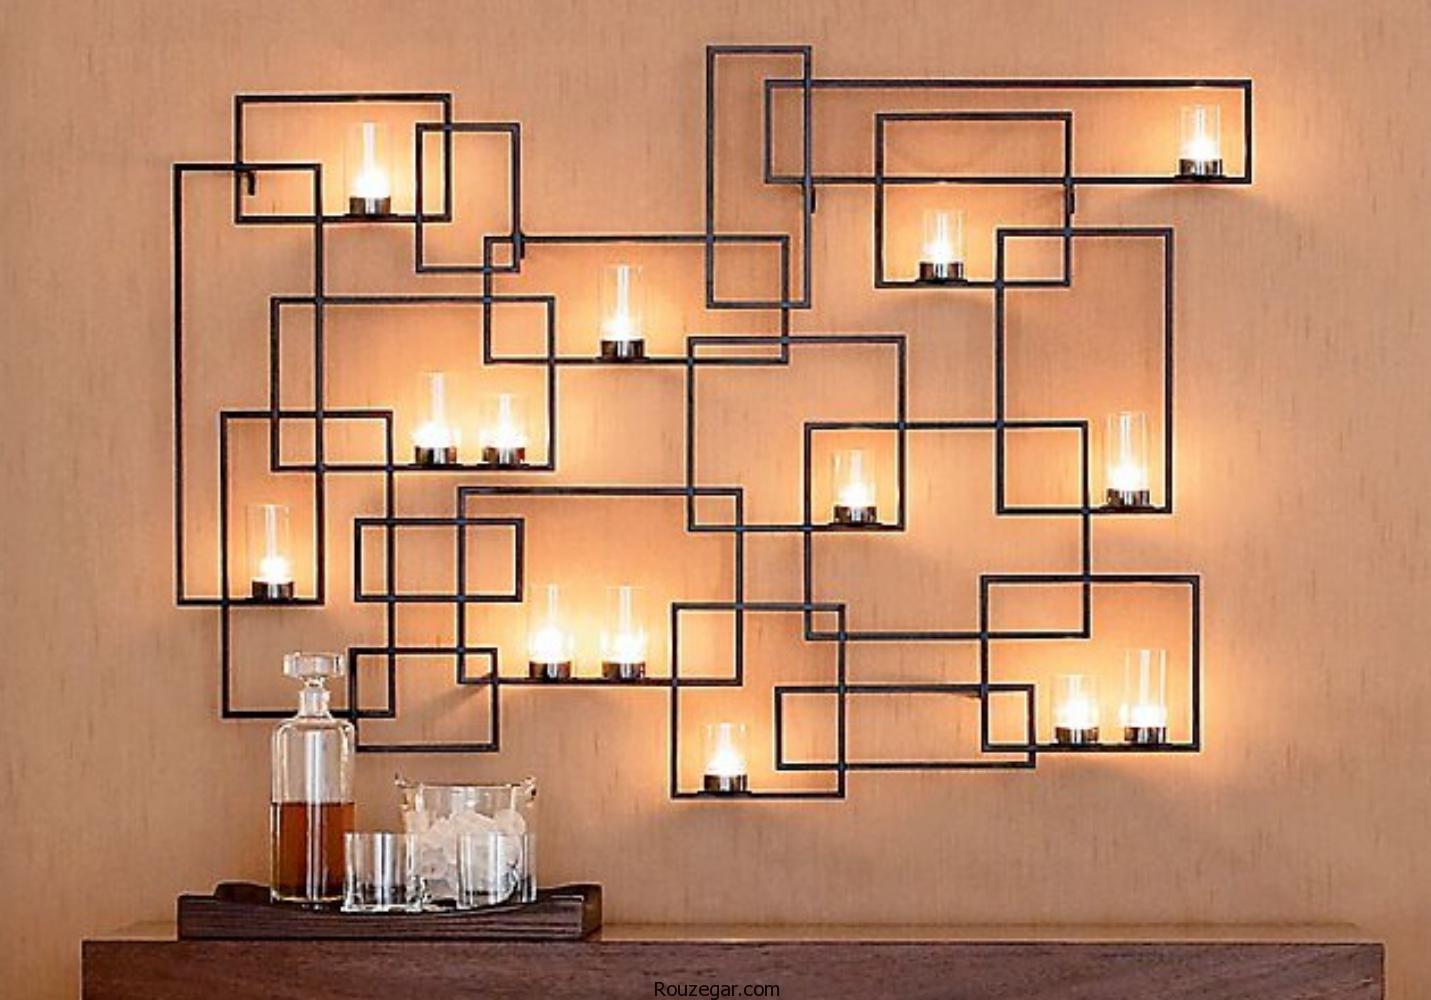 15 ایده جذاب برای تزئین دکوراسیون منزل با شمع | شمع آرایی در منزل،شمع آرایی اتاق خواب،شمع تزیینی فانتزی،تزیین با شمع وارمر،تزیین خانه عروس با وسایل ساده،مدل شمع های فانتزی،تزیین منزل عروس با شمع،تزیین میز تولد با گل و شمع،شمع های تزئینی بزرگش